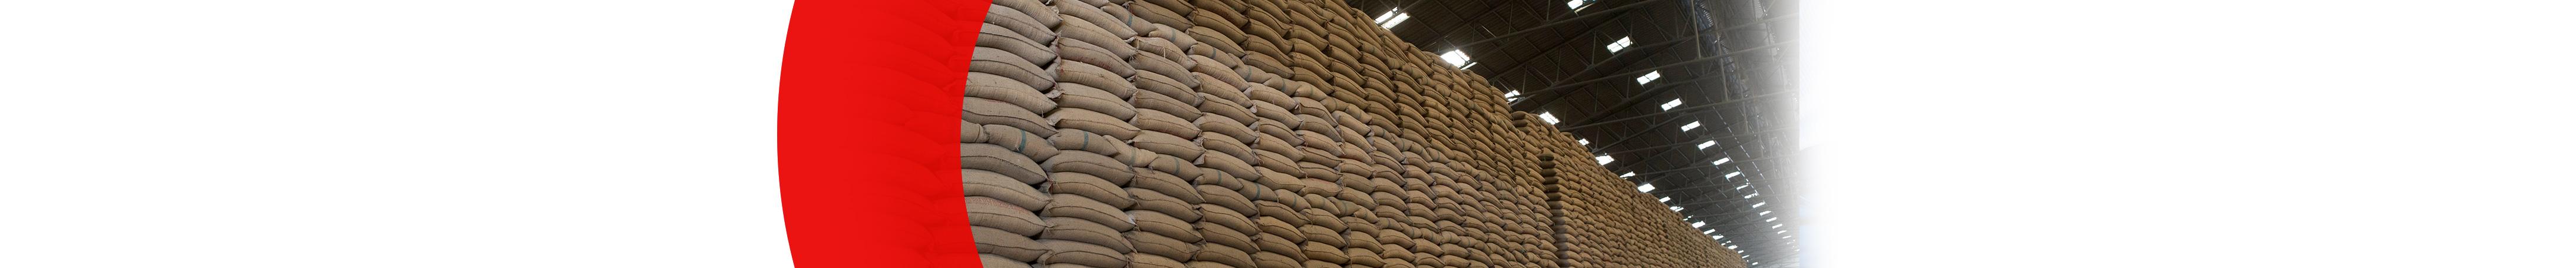 Wholesale Rice Distributors In Ghana